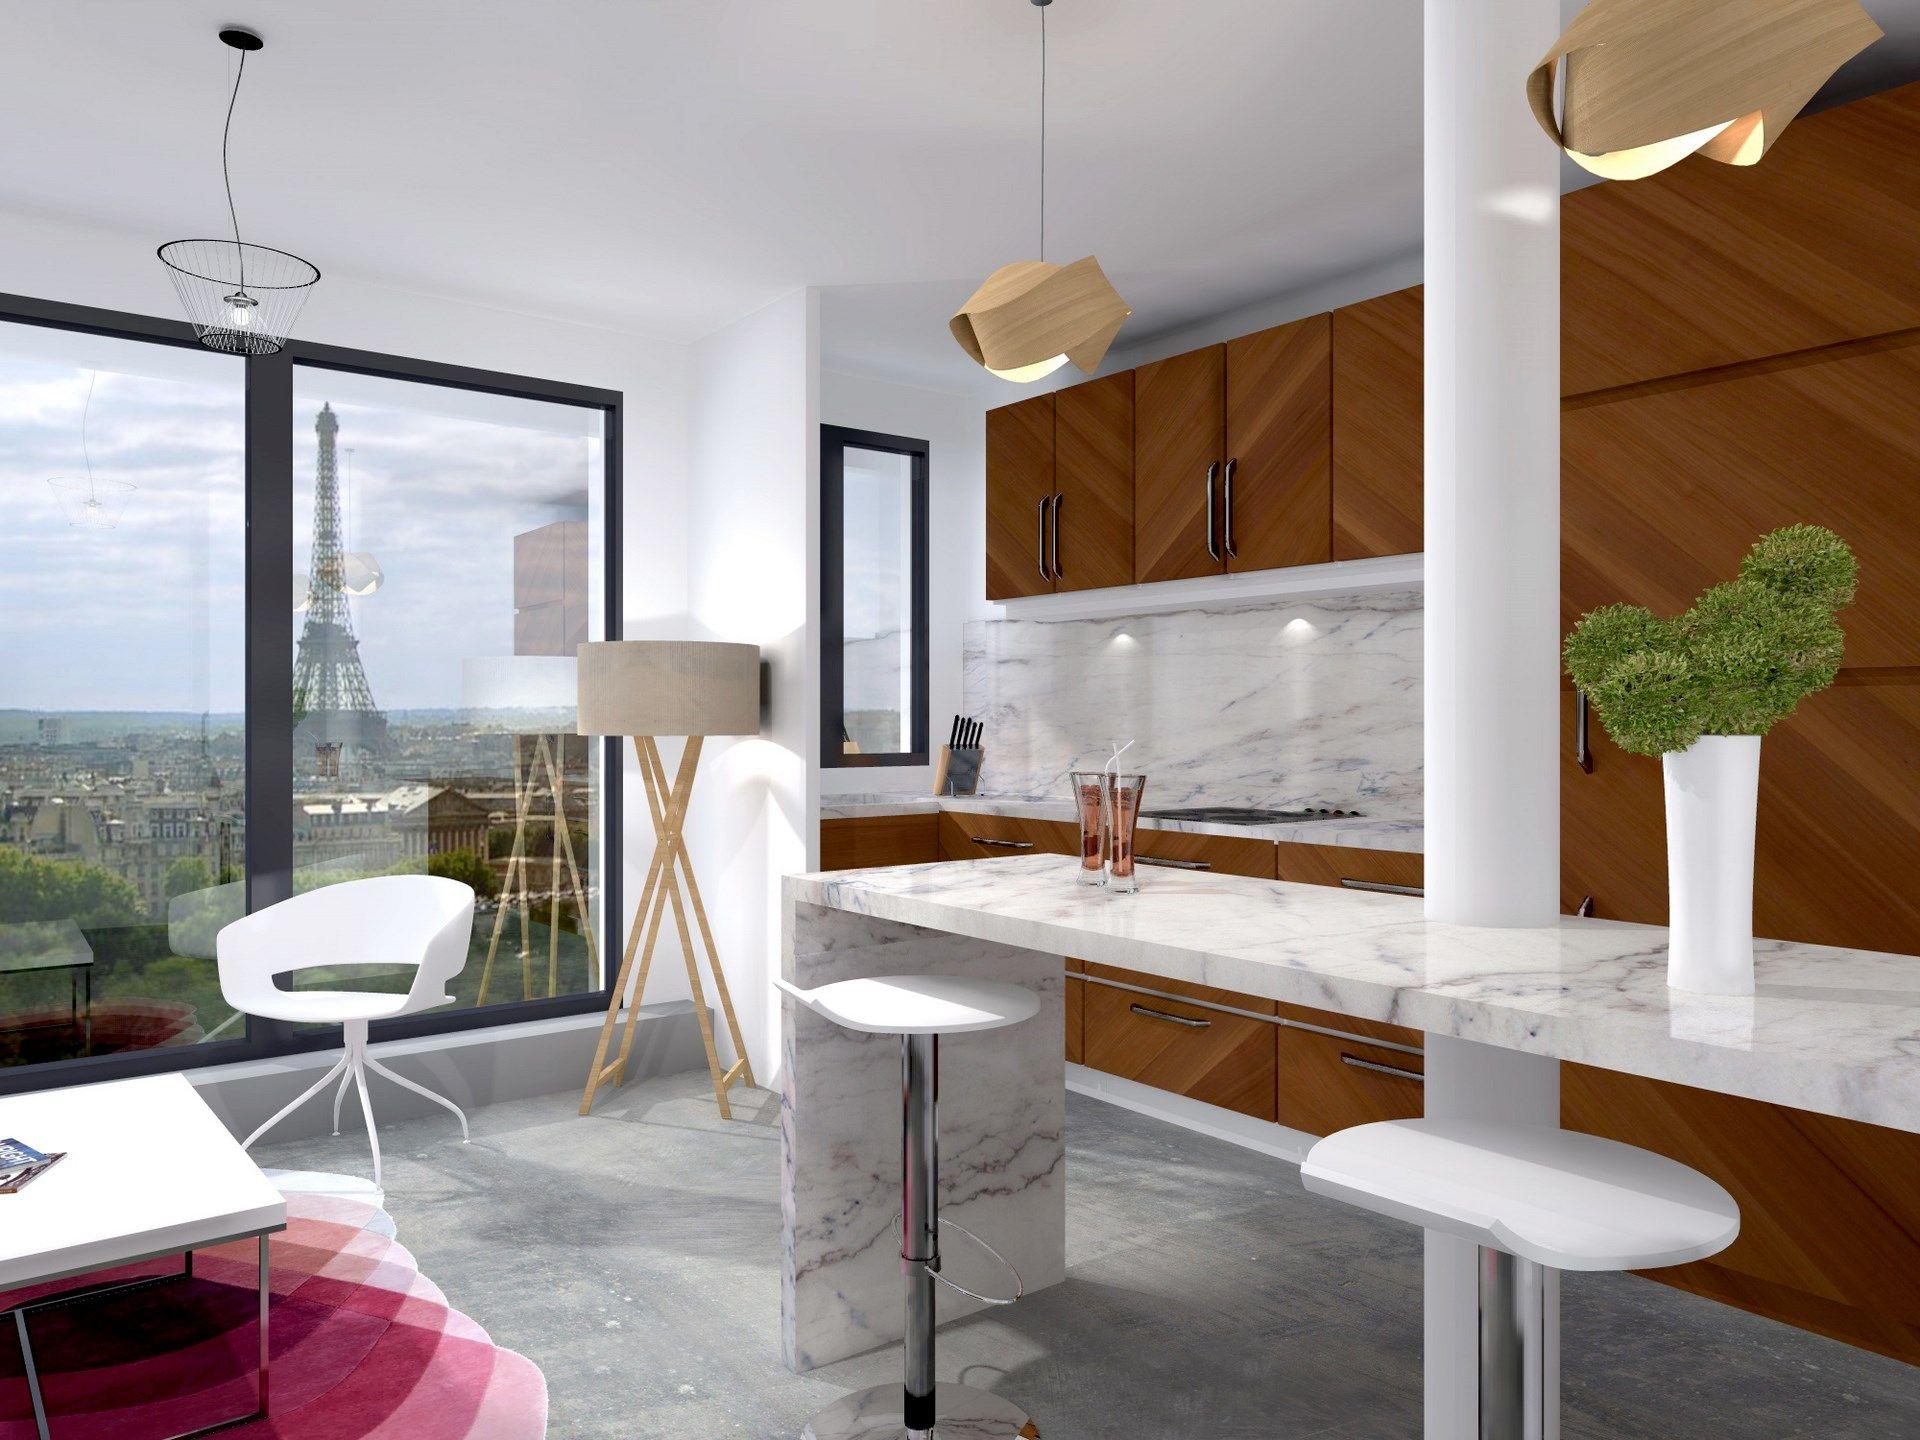 Architecte Interieur Paris Cuisine Haut De Gamme Agence Avous - Cuisine haut de gamme paris